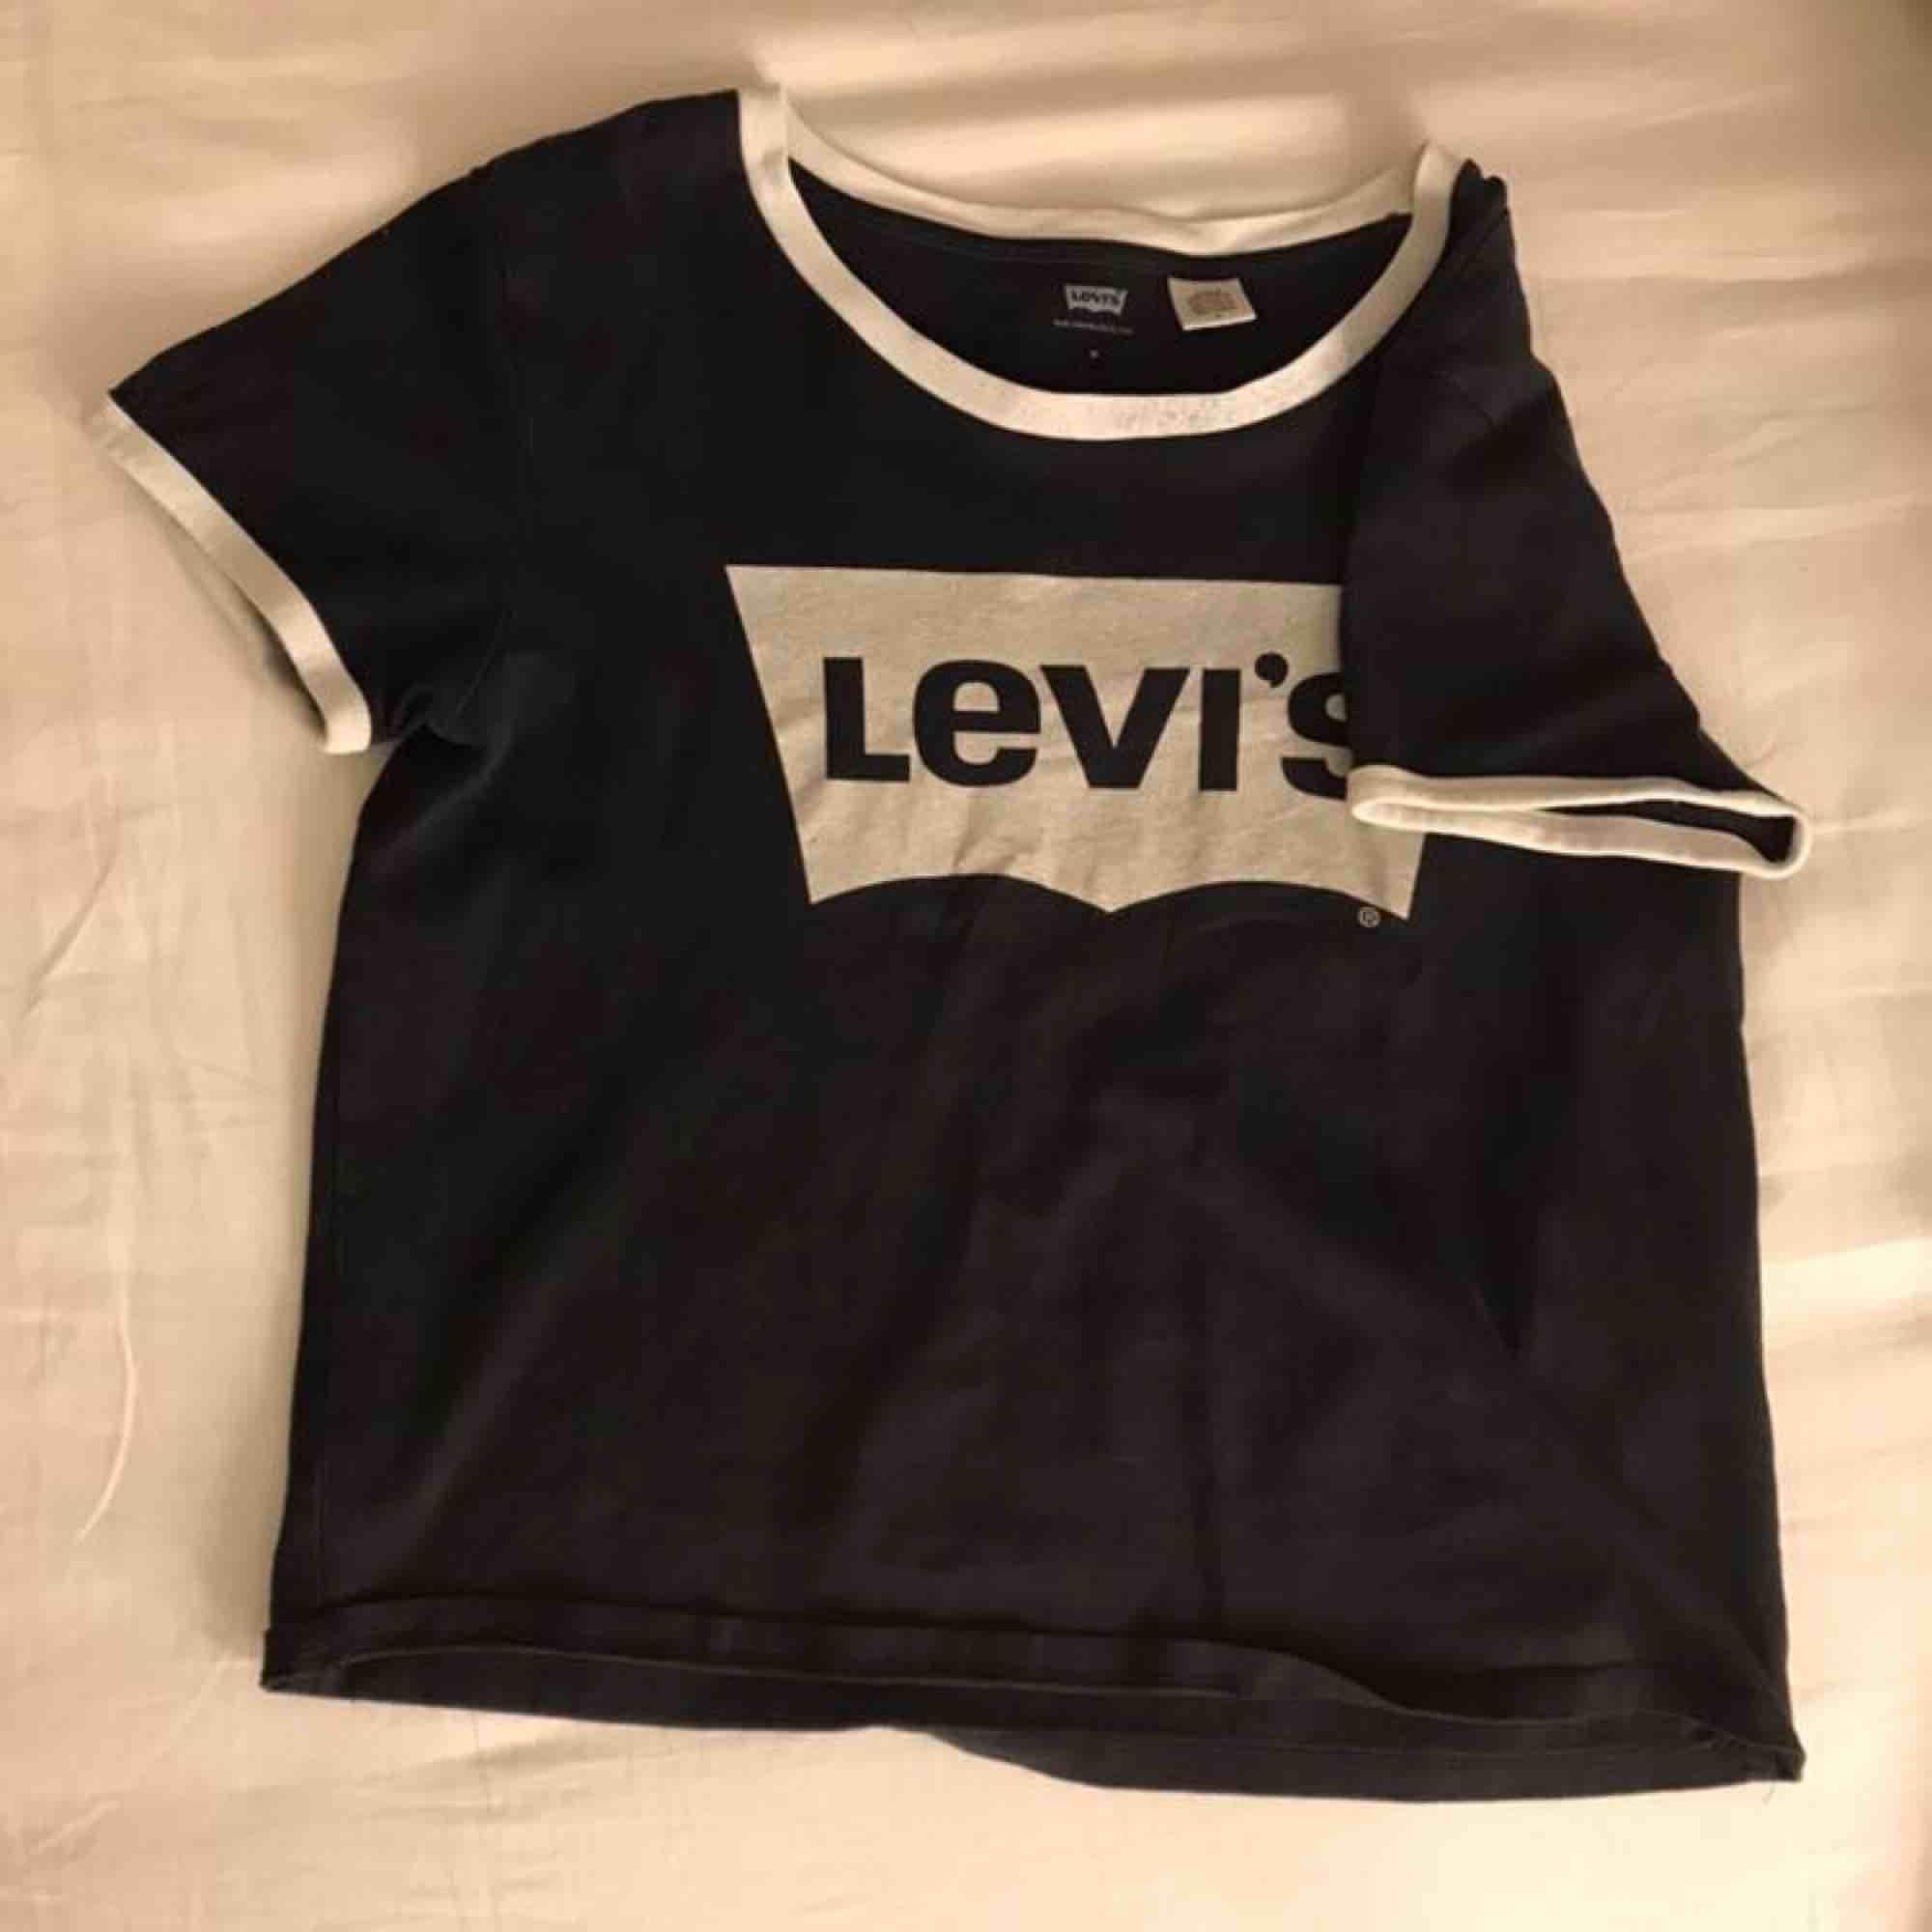 Levis tröja, skulle säga att den sitter som en S . T-shirts.